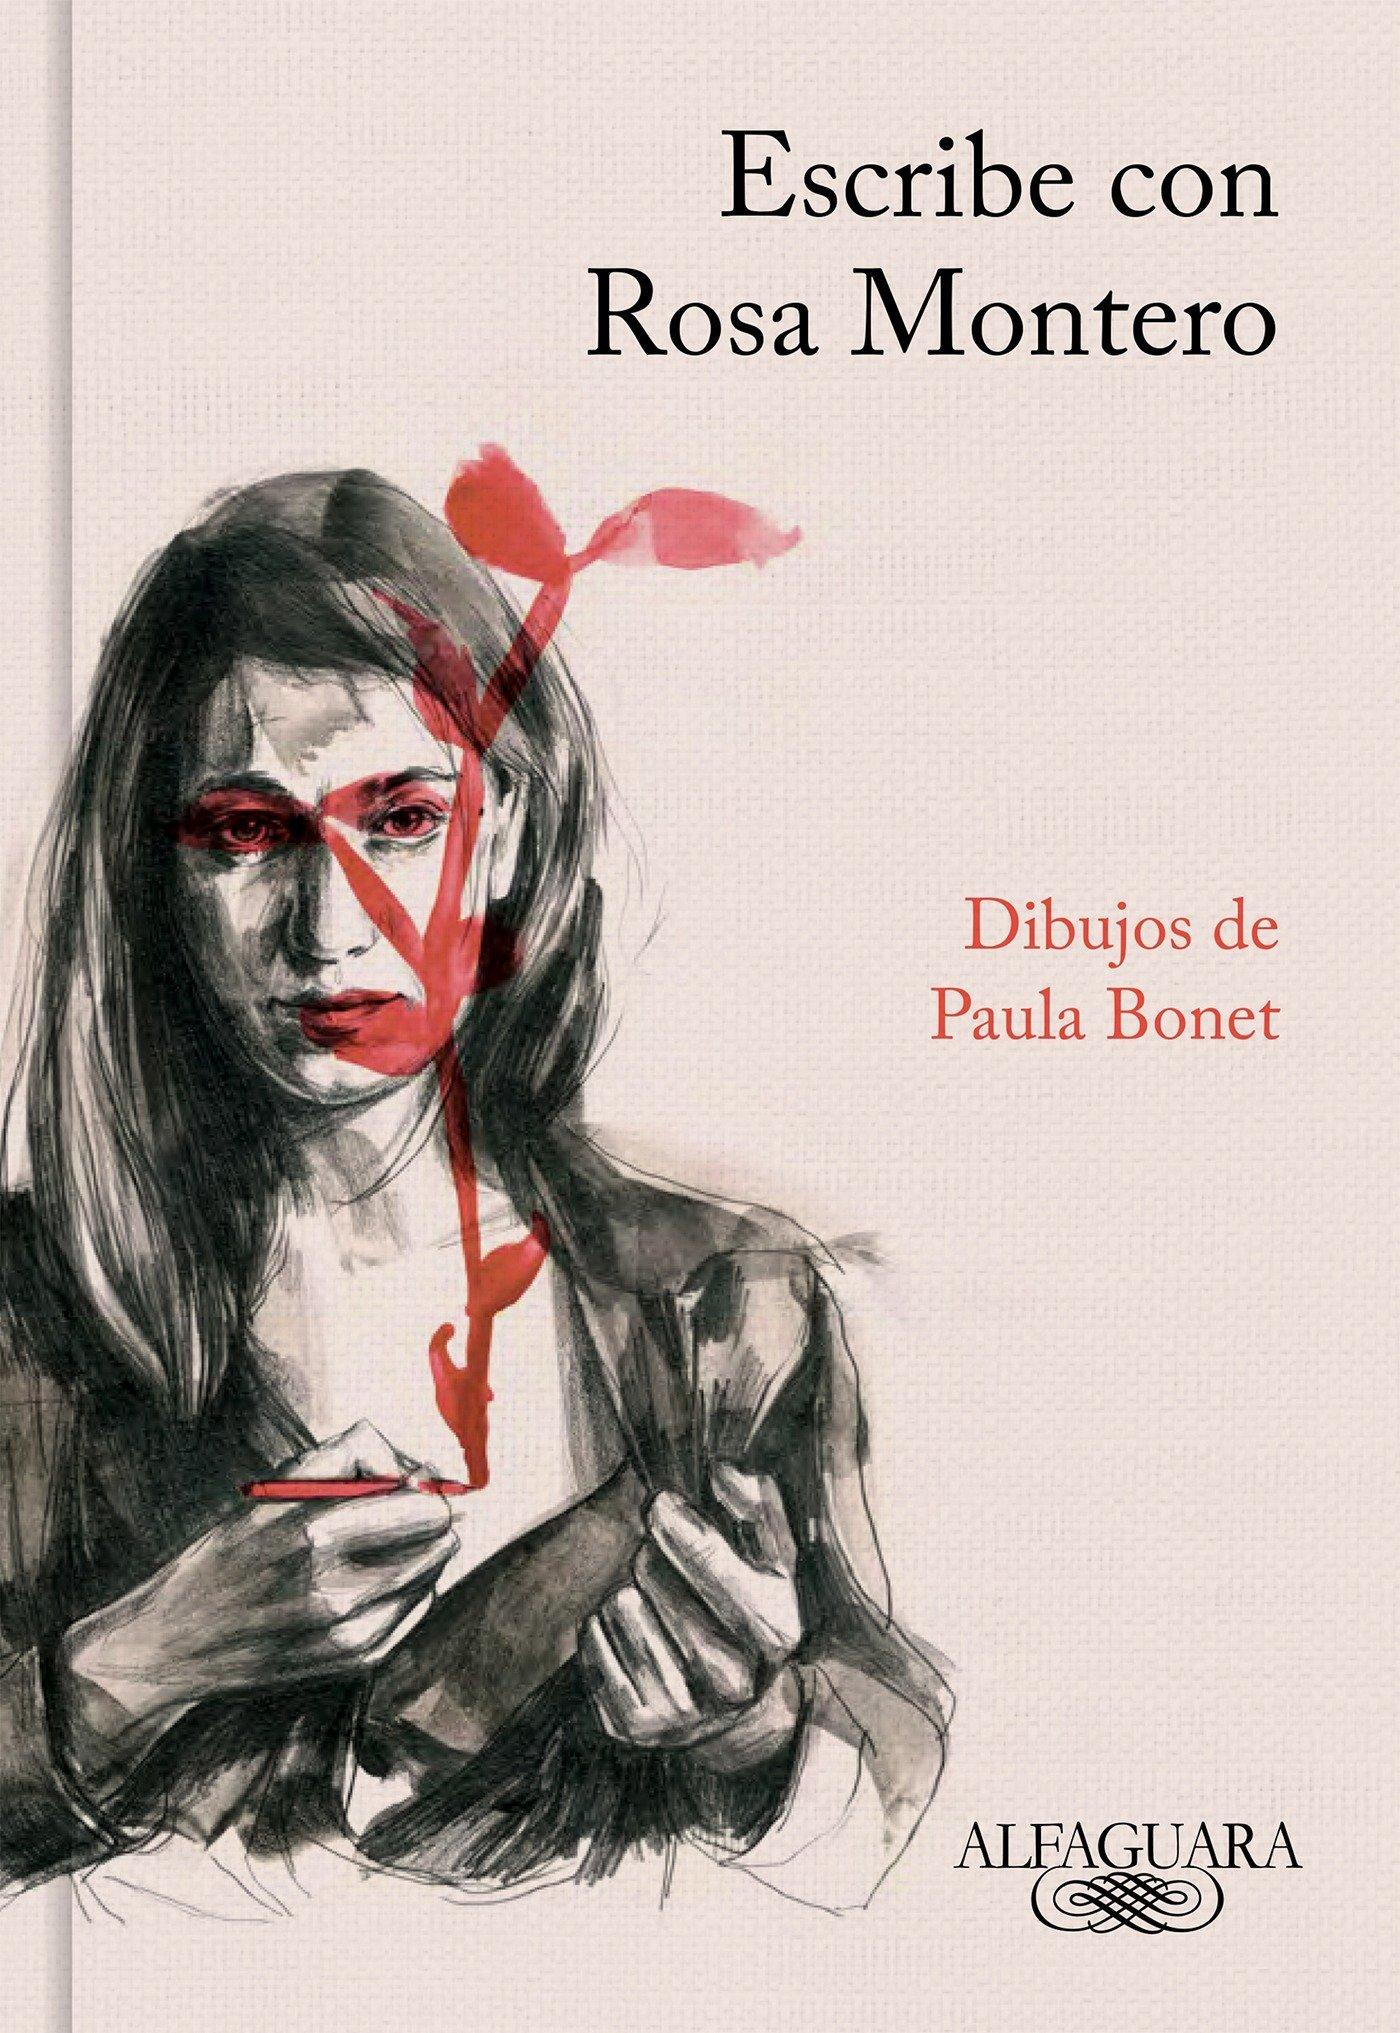 Escribe con Rosa Montero (FUERA COLECCION ALFAGUARA ADULTOS) Tapa dura – 8 jun 2017 8420431753 Authorship - Technique Creative writing Fiction - Authorship